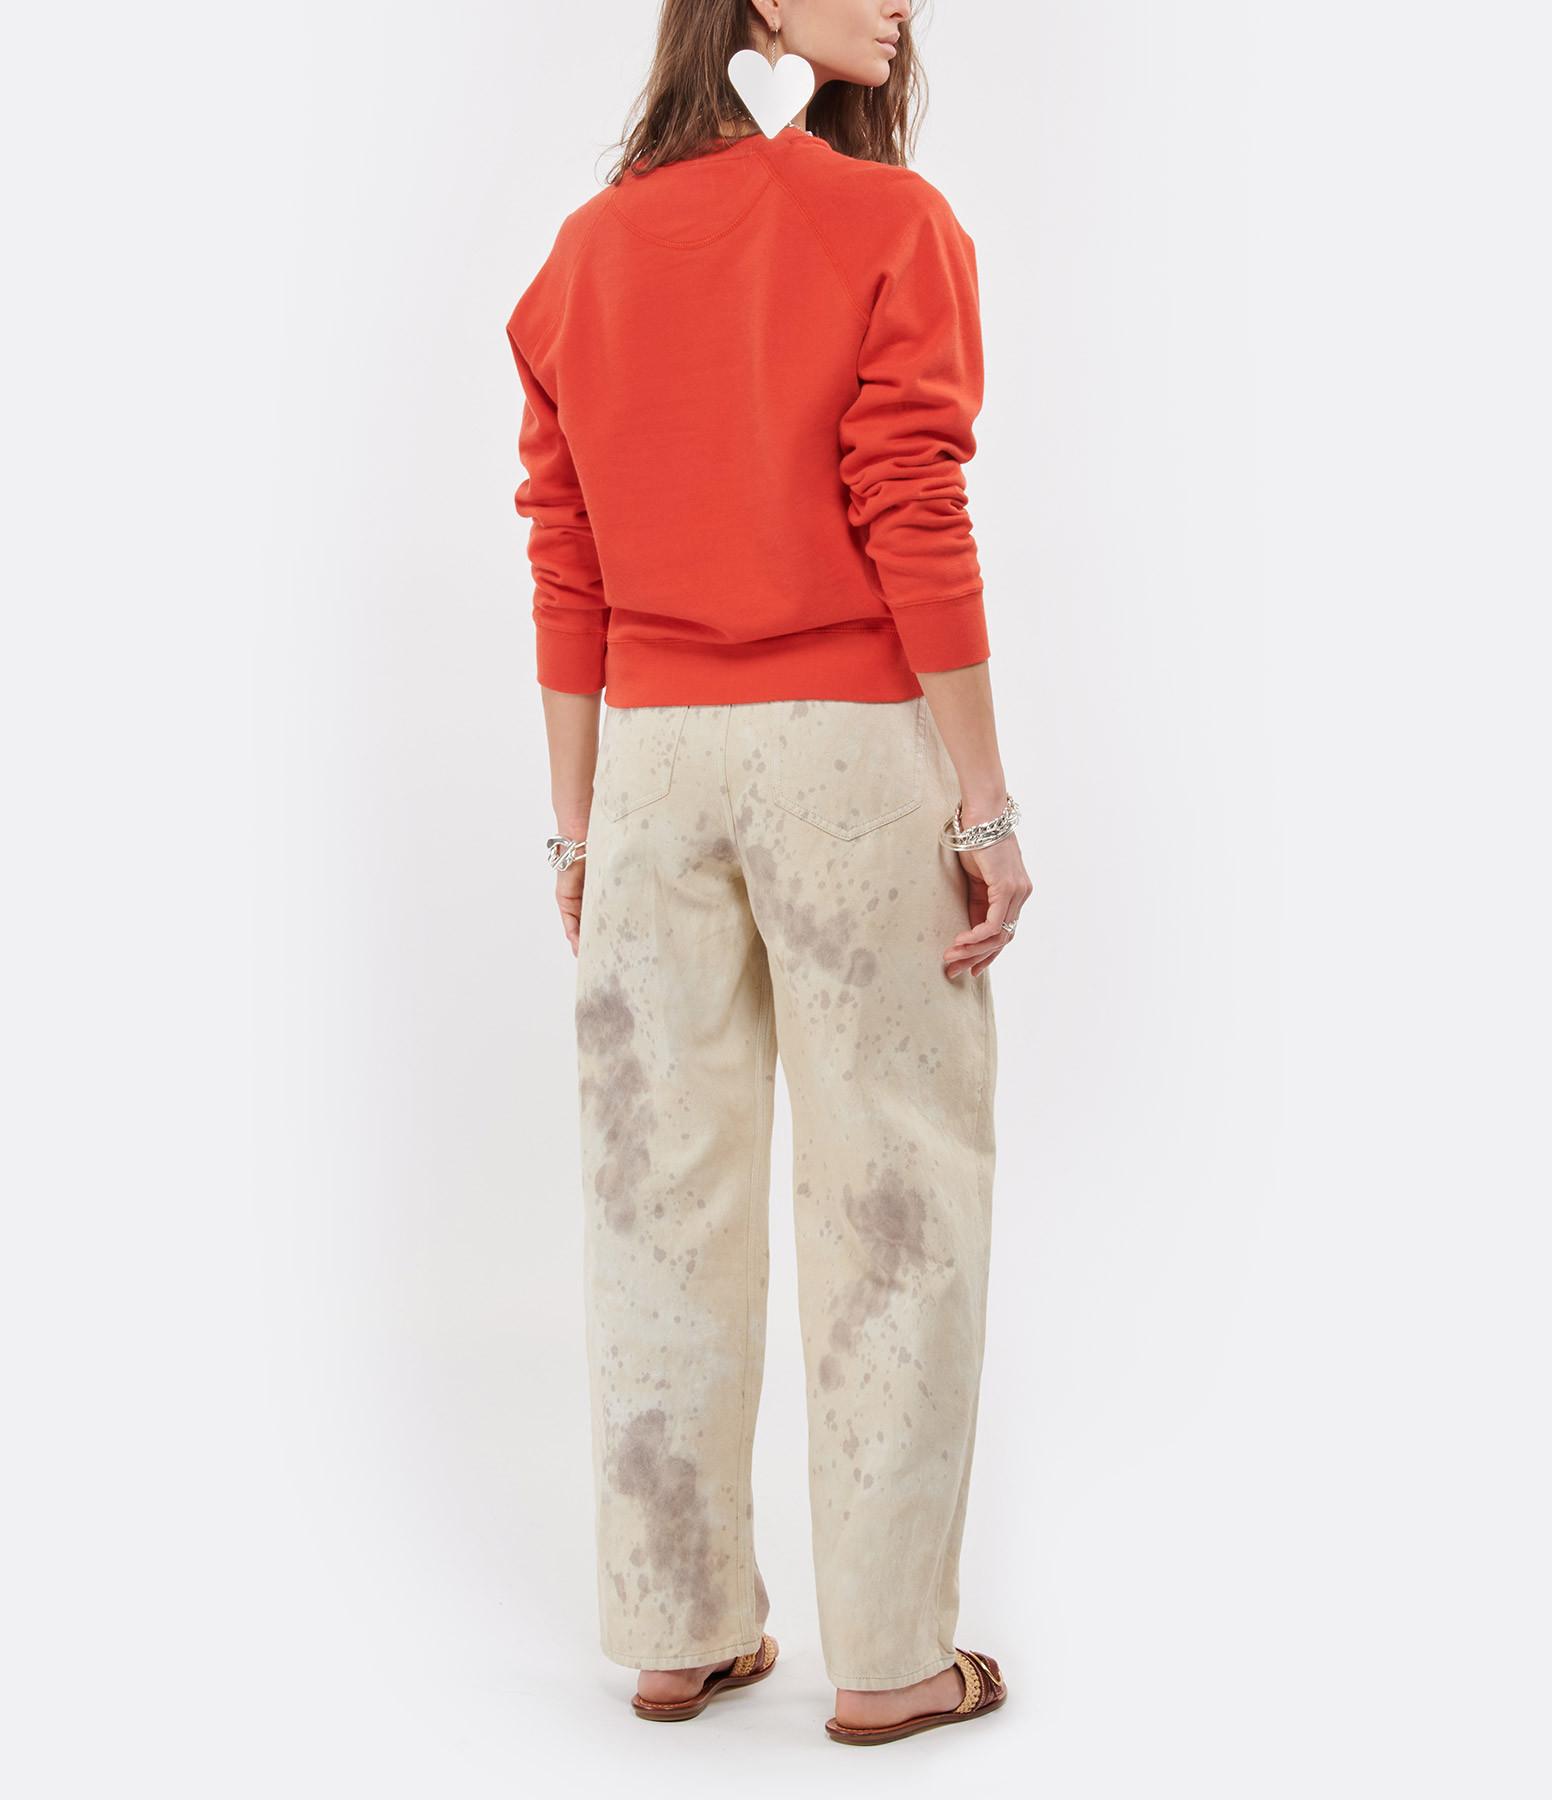 MAISON LABICHE - Sweatshirt Heartbreaker Coton Biologique Rouge